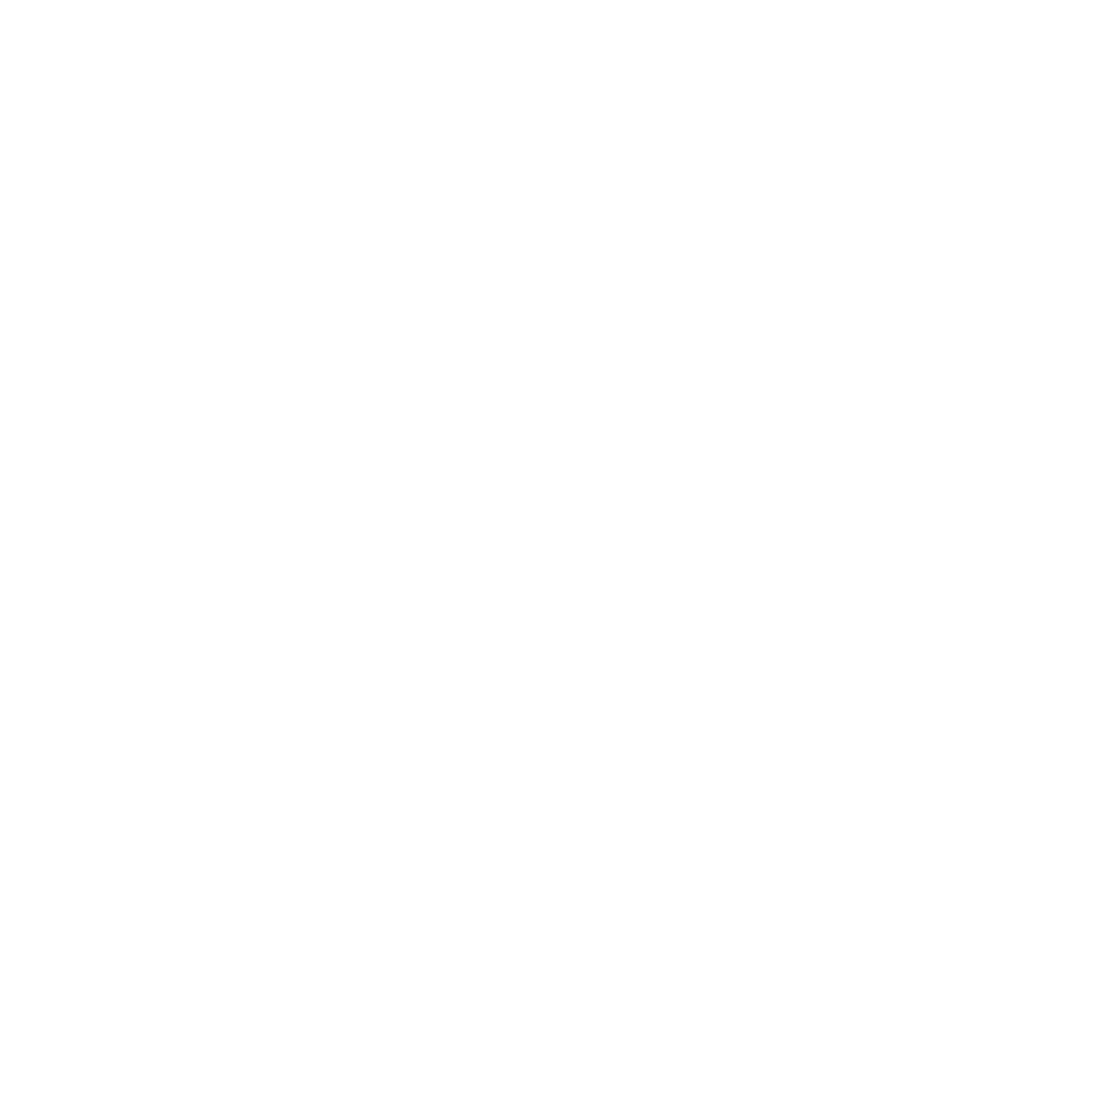 51单片机的18b20,1602液晶显示温度与万年历显控制系统图片